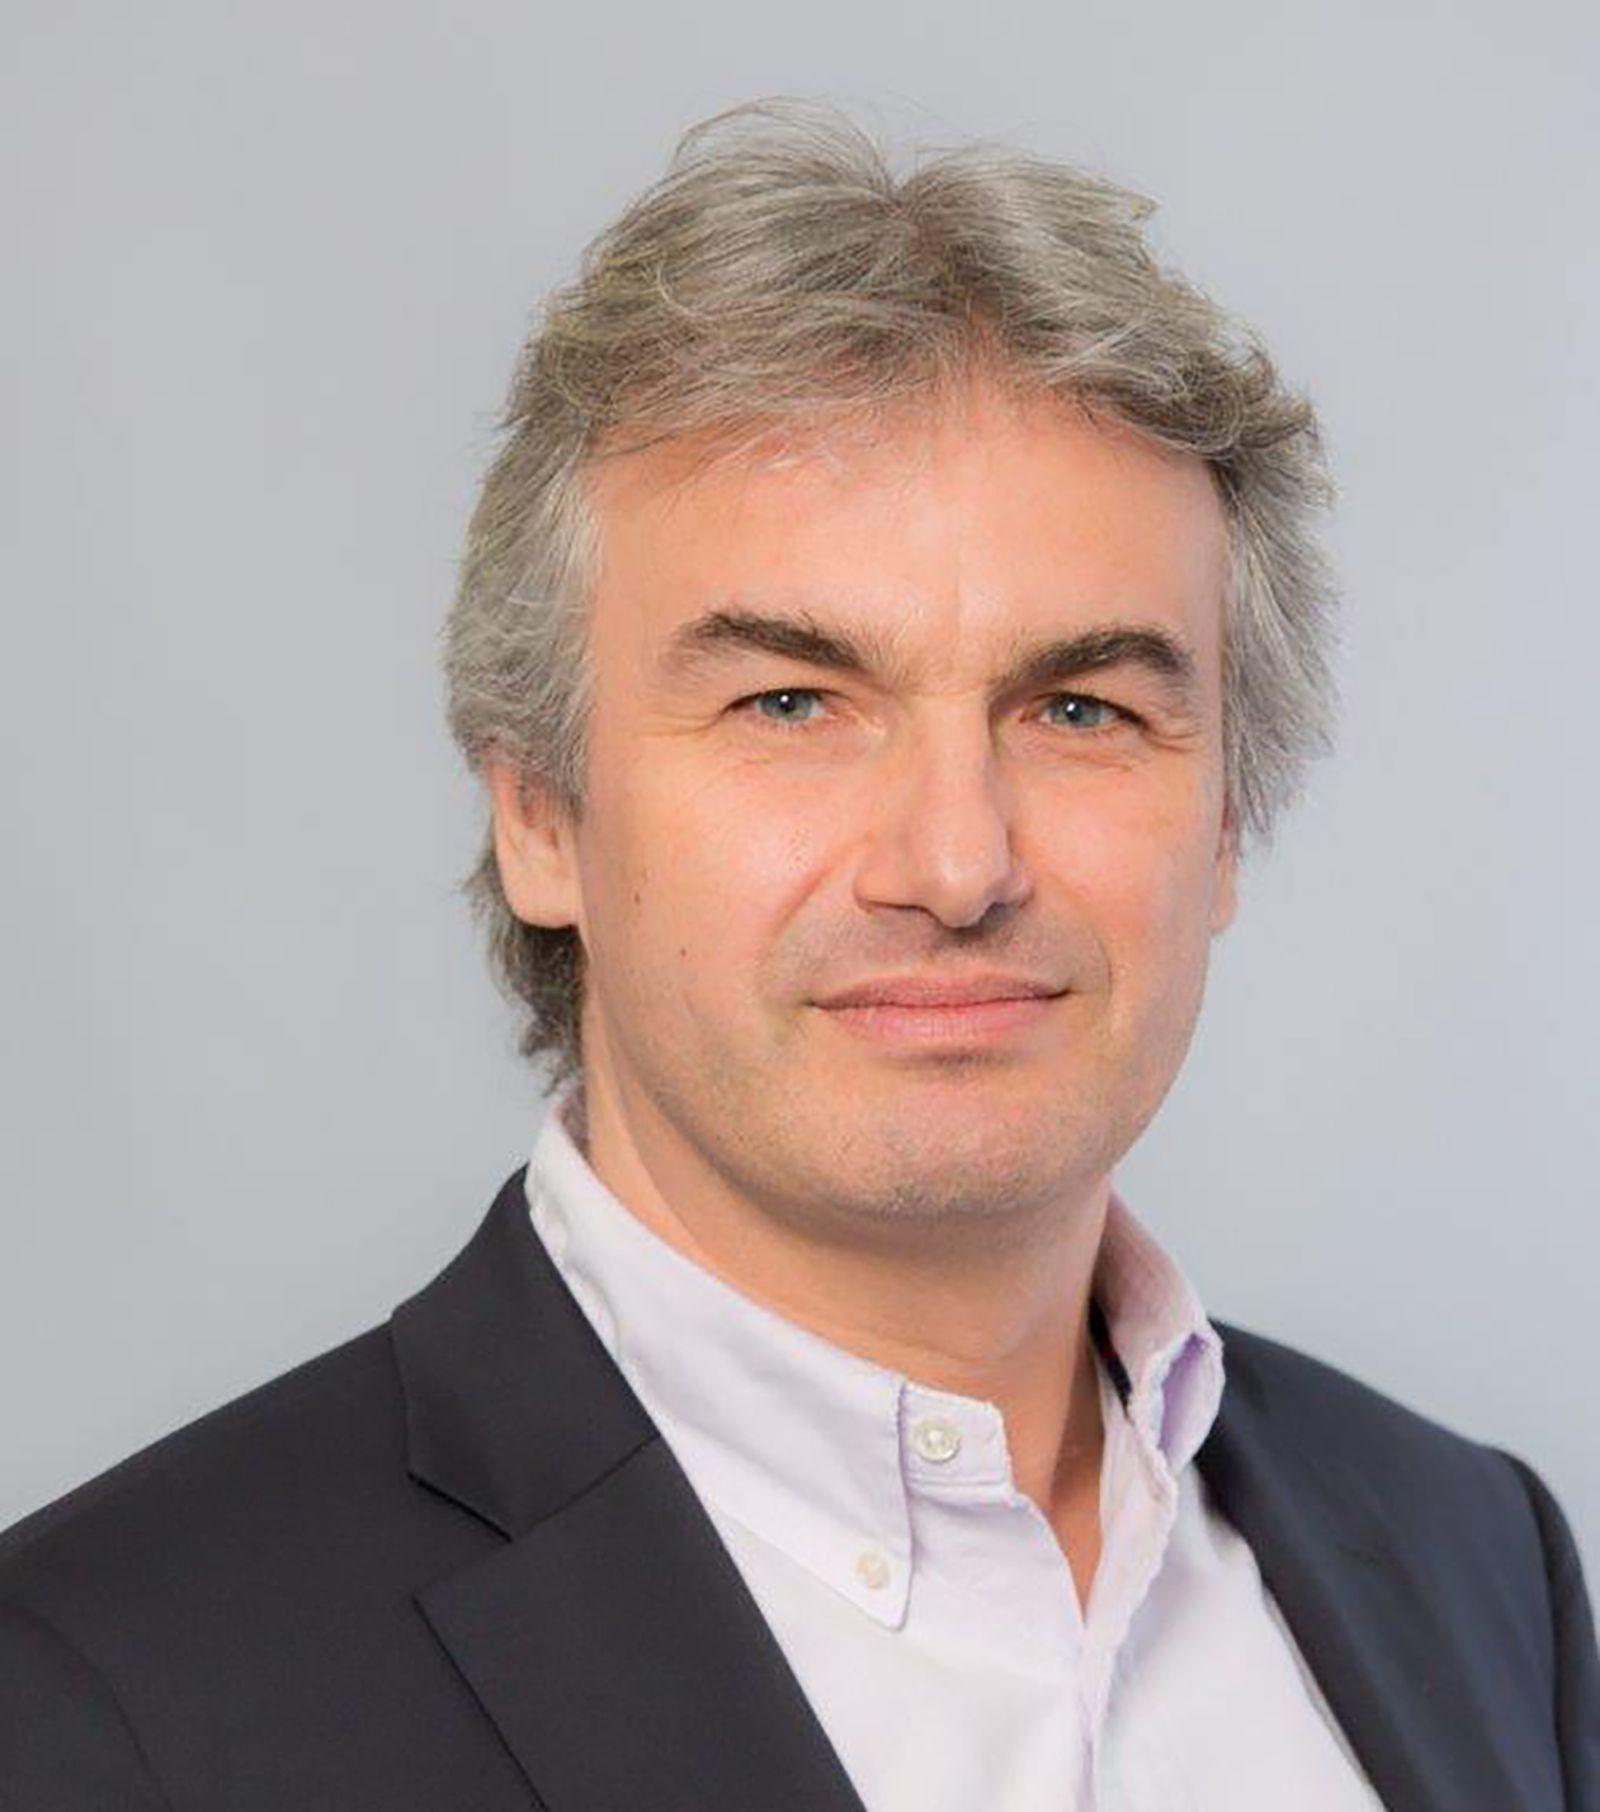 Prof. Marcus Altfeld